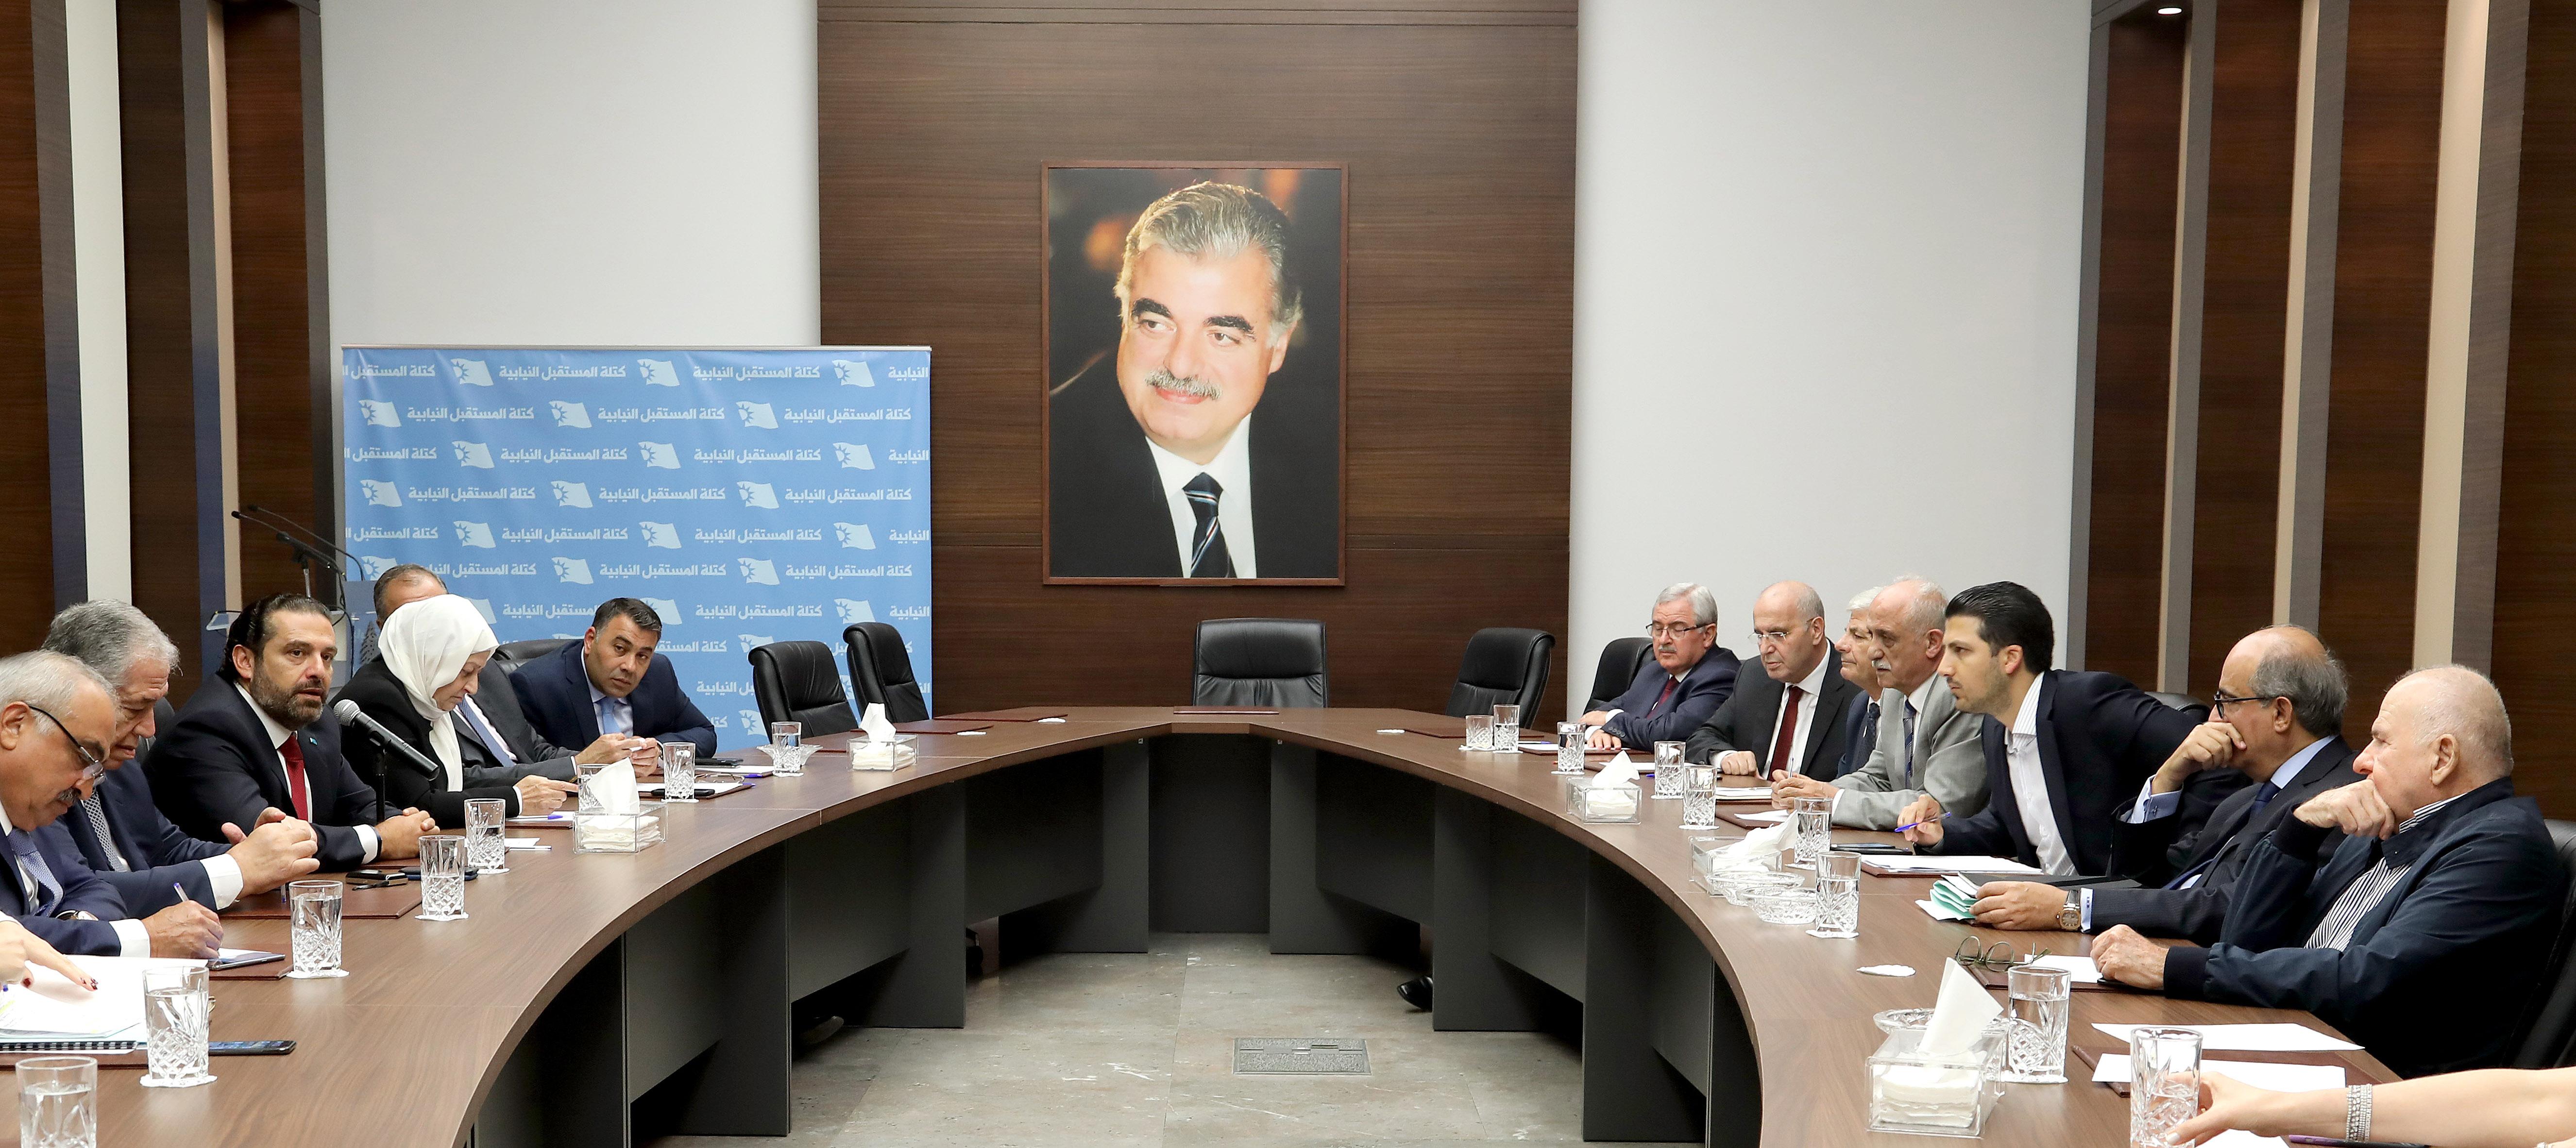 Pr Minister Saad Hariri meets a Delegation from Almustaqbal MPs Bloc